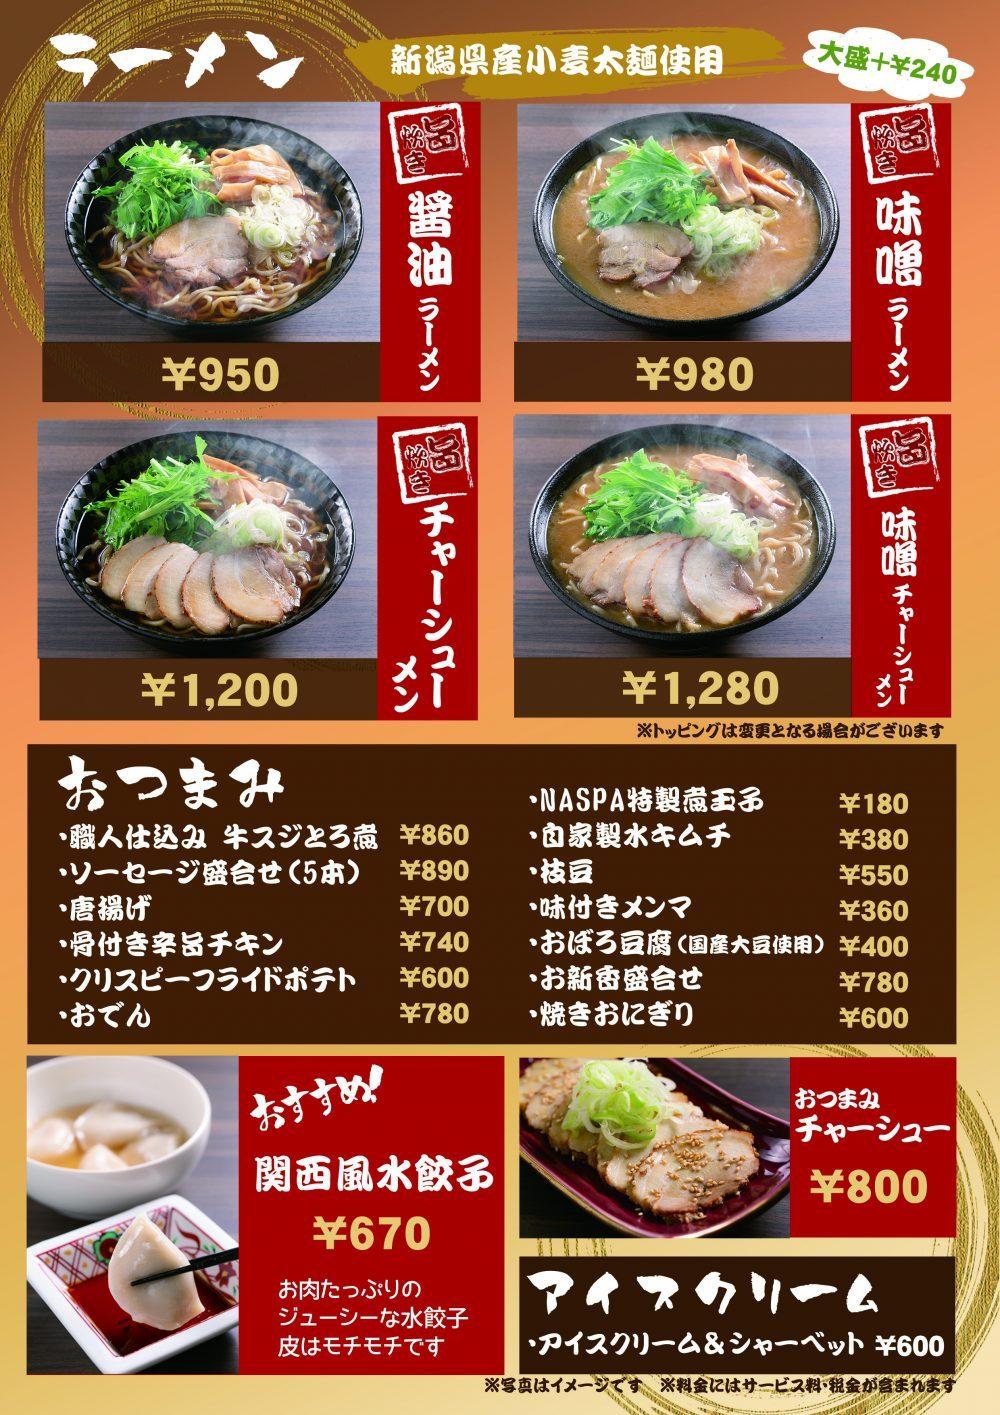 snack-menu.png